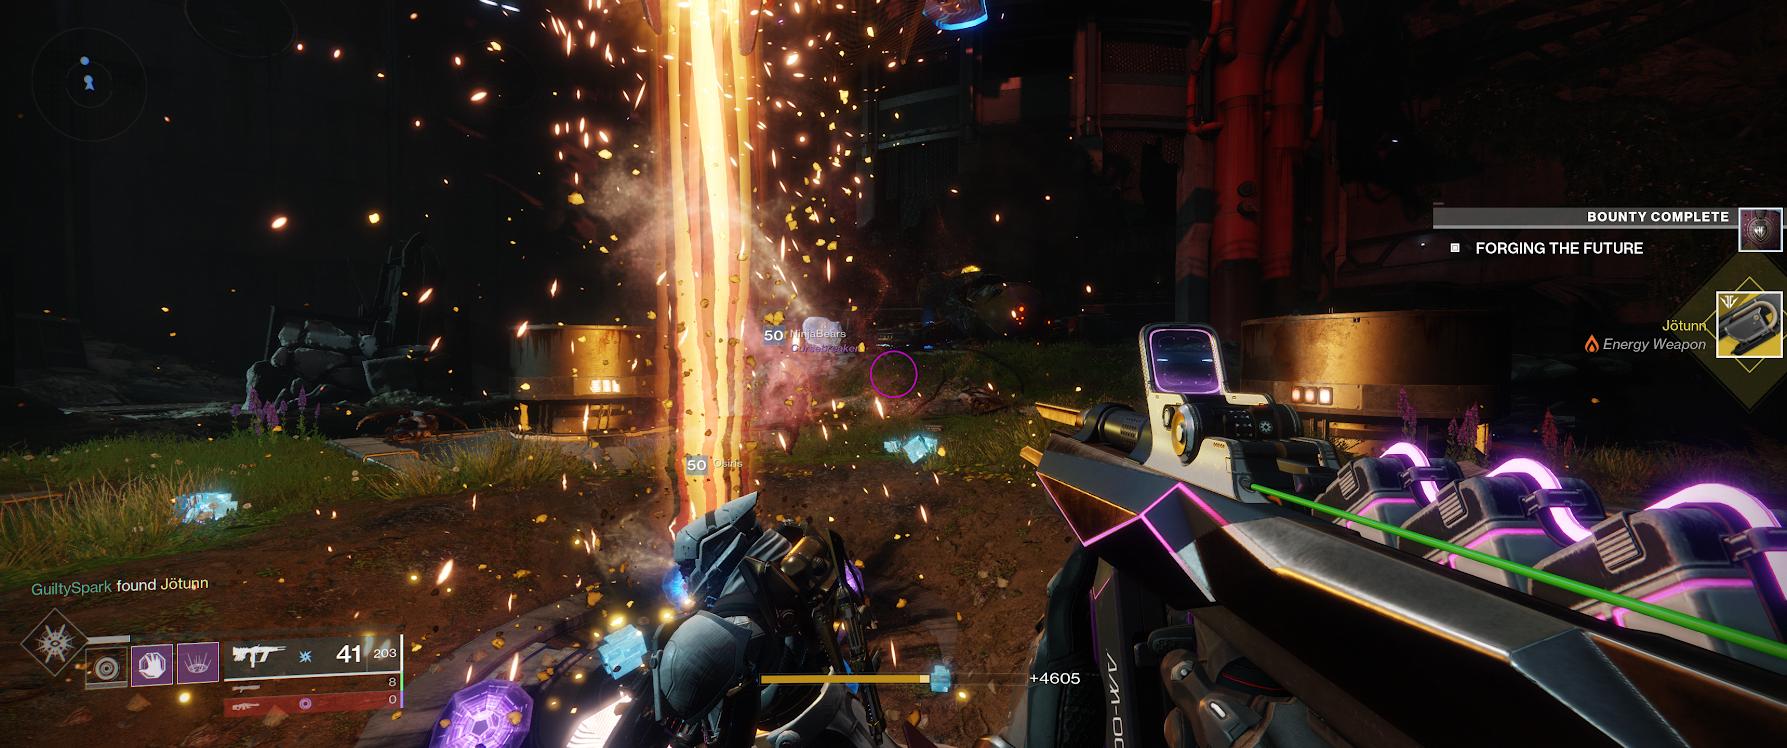 Destiny 2 Screenshot 2019.01.12 - 13.15.04.09.png